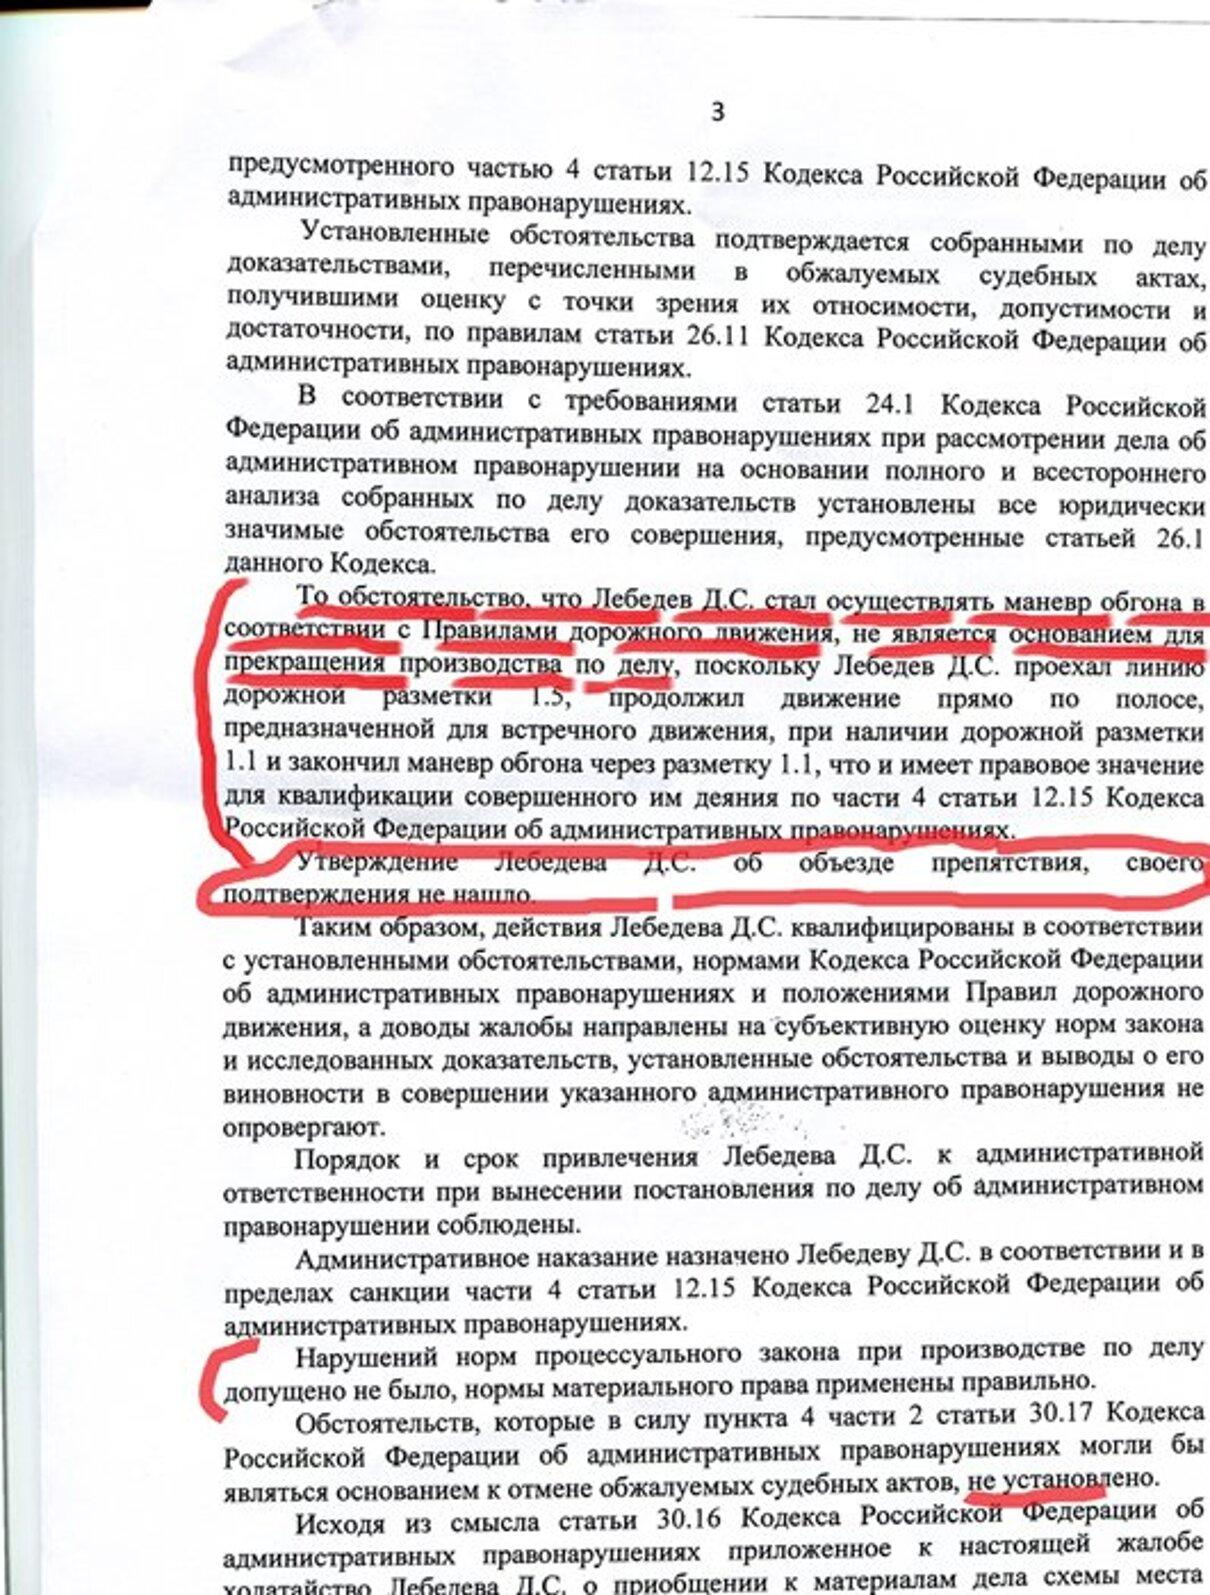 Жалоба-отзыв: Суды г.Москвы - Коррупция и беспредел в судах г.Москвы